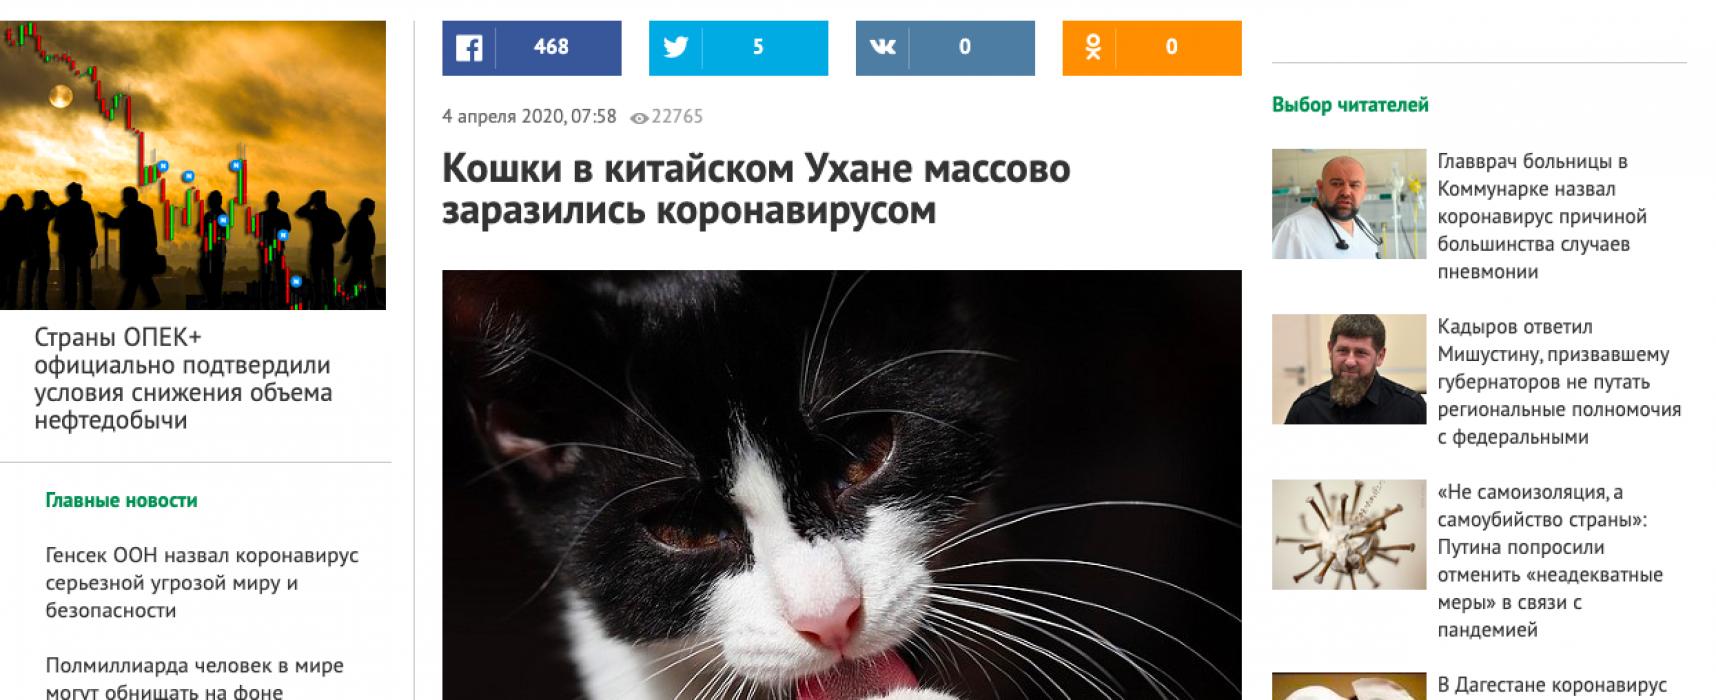 Fake: Katzen sind Träger des Coronavirus und können Menschen infizieren.